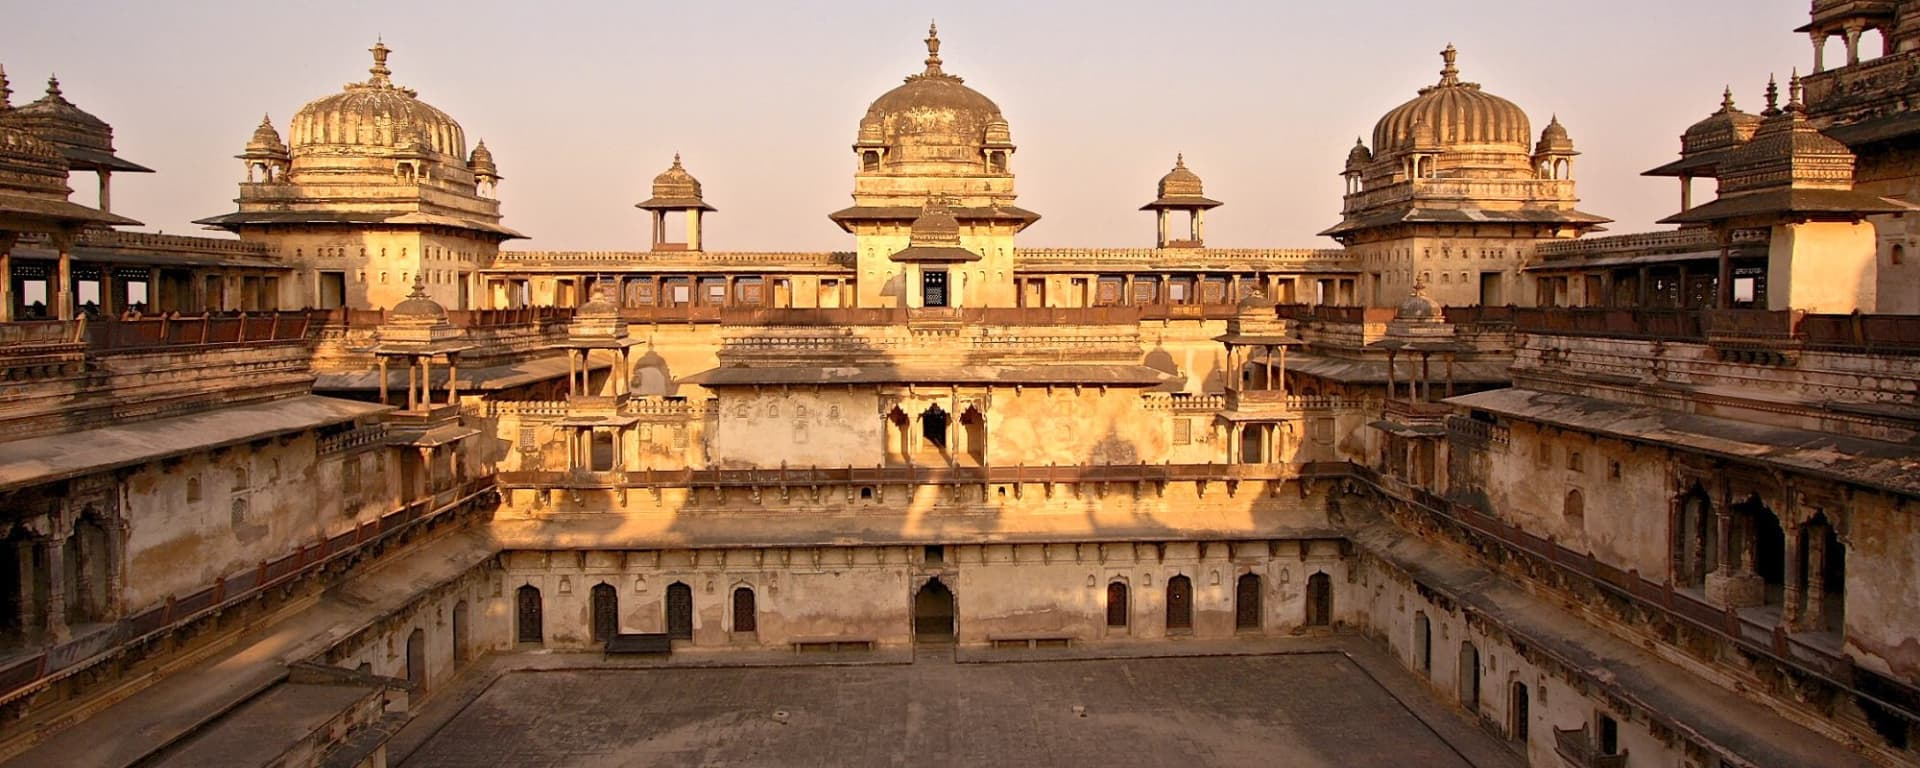 L'Inde pour les fins connaisseurs de Delhi: Orchha: Palace in the evening light